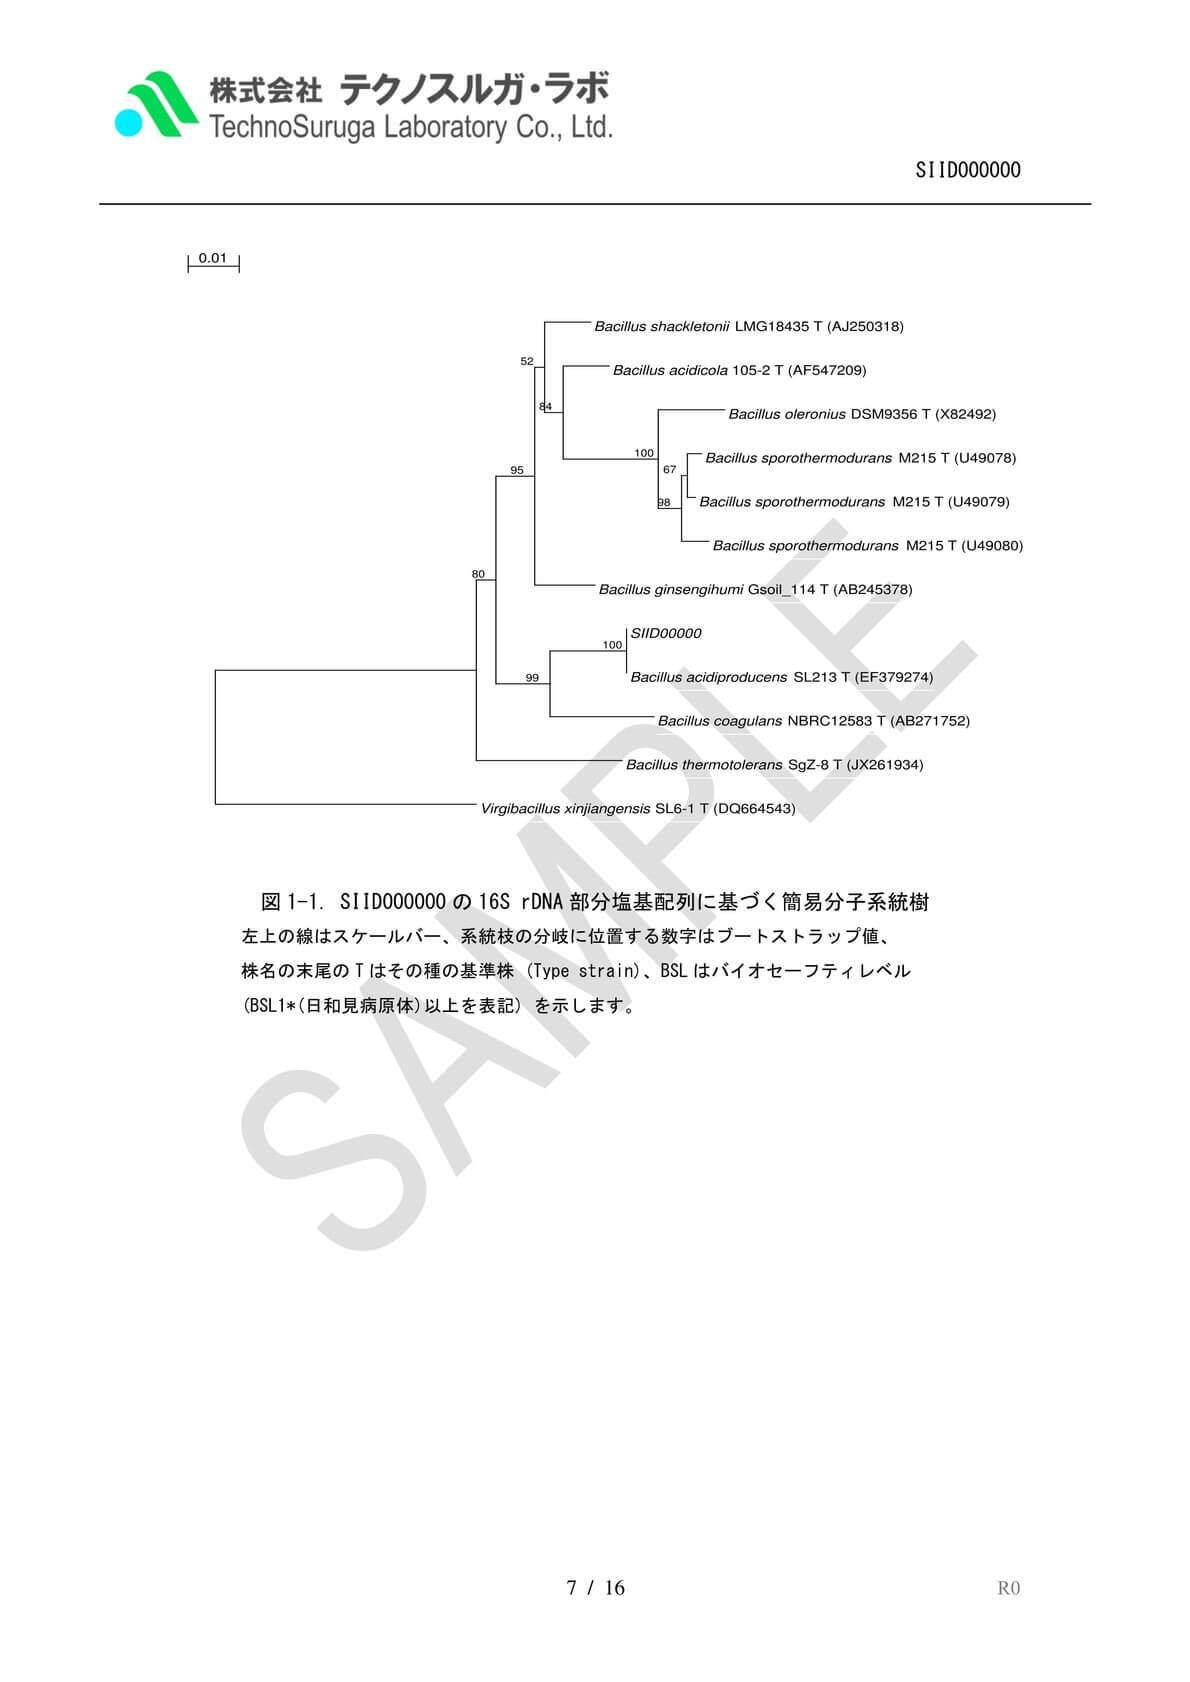 SAMPLE/細菌Premium報告書v4